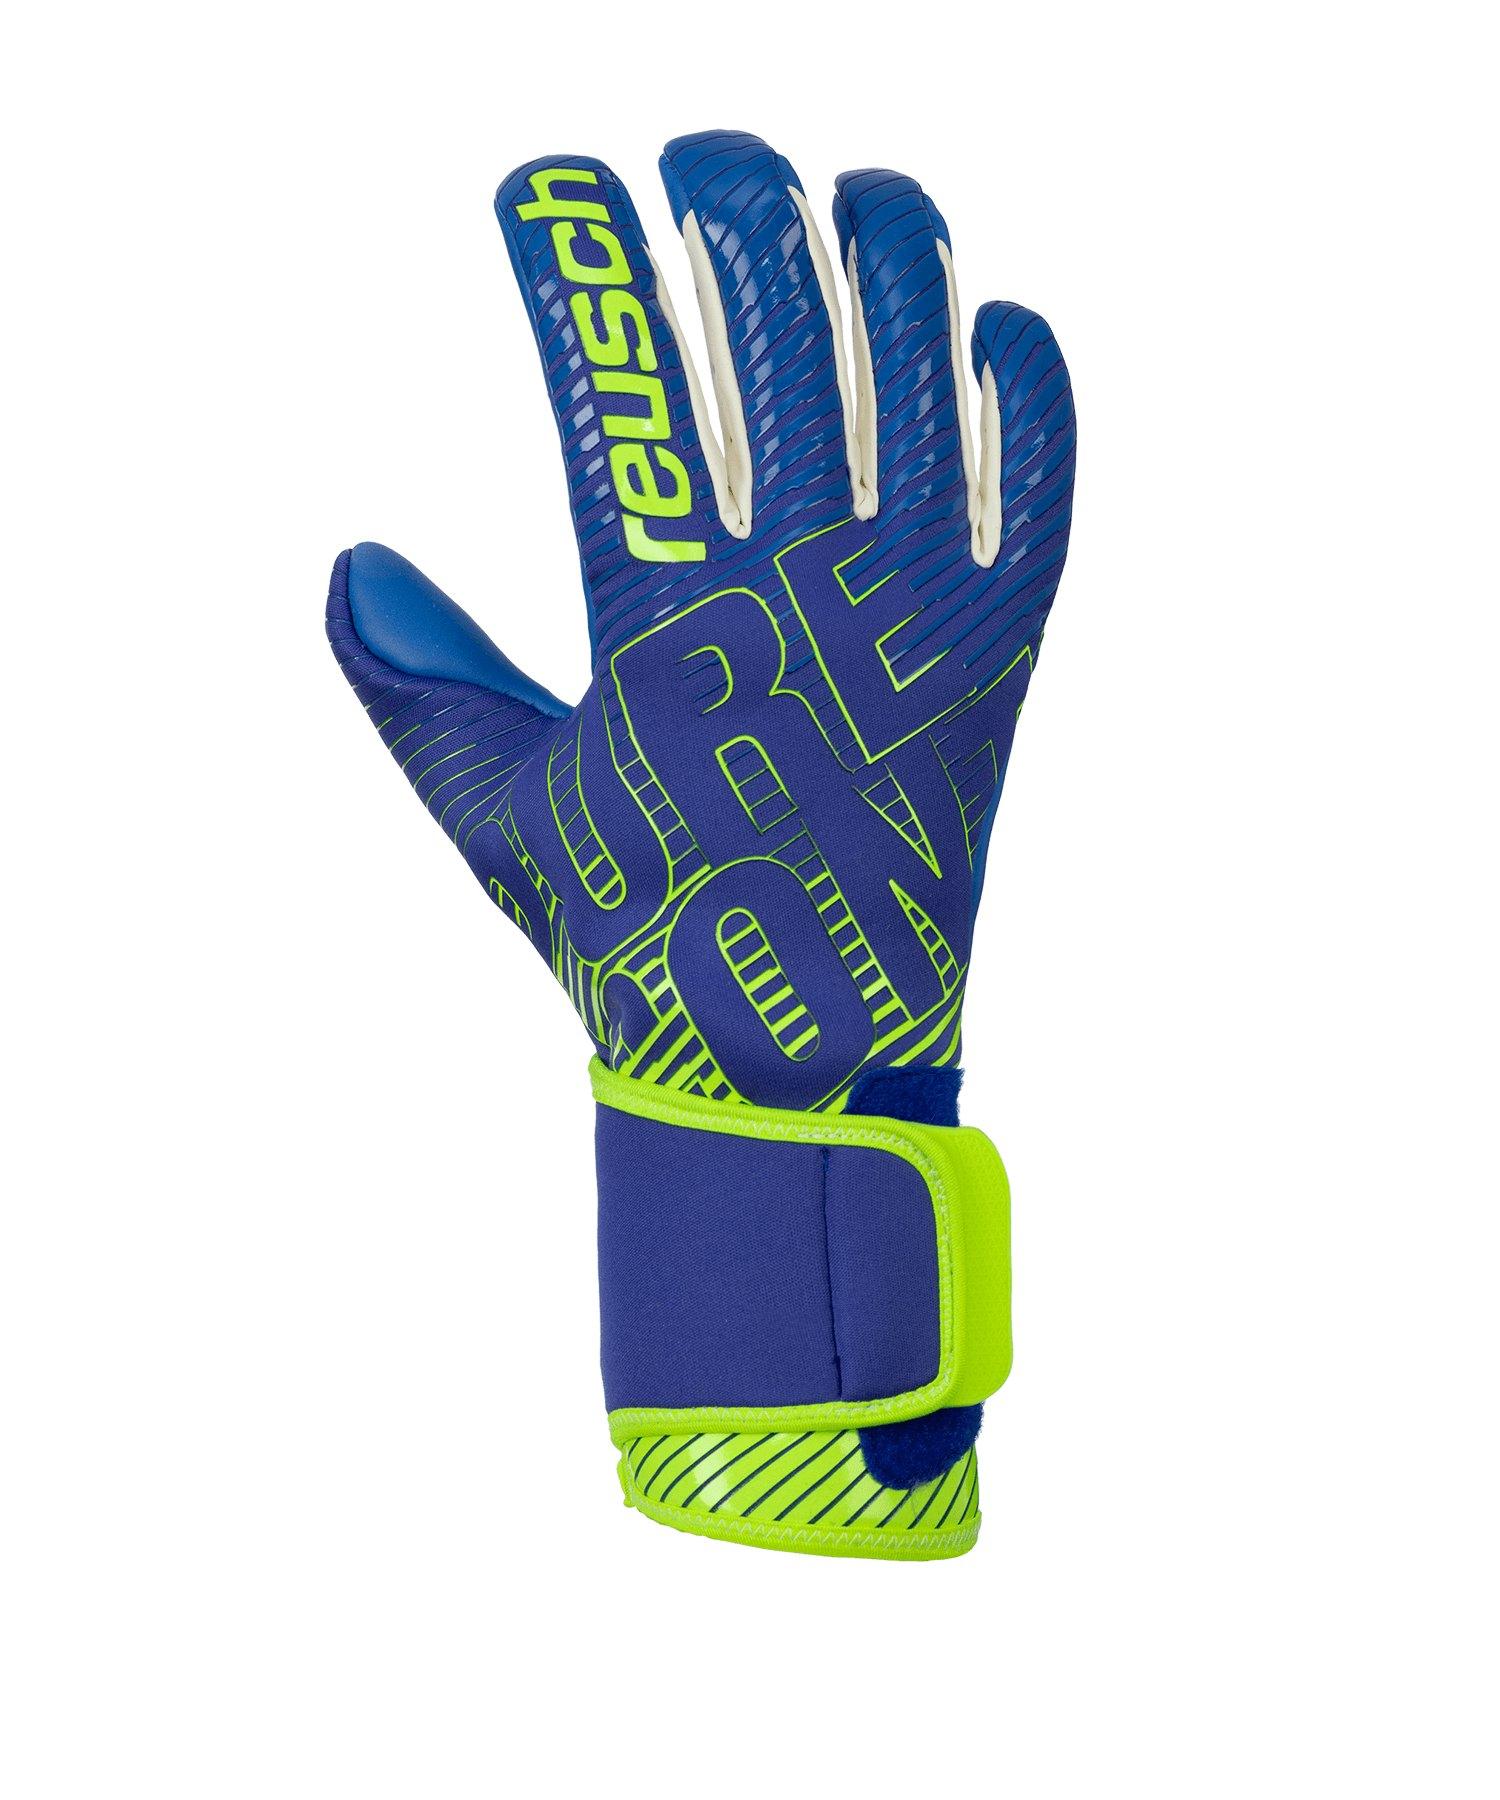 Reusch G3 Duo TW-Handschuh Blau F4949 - blau